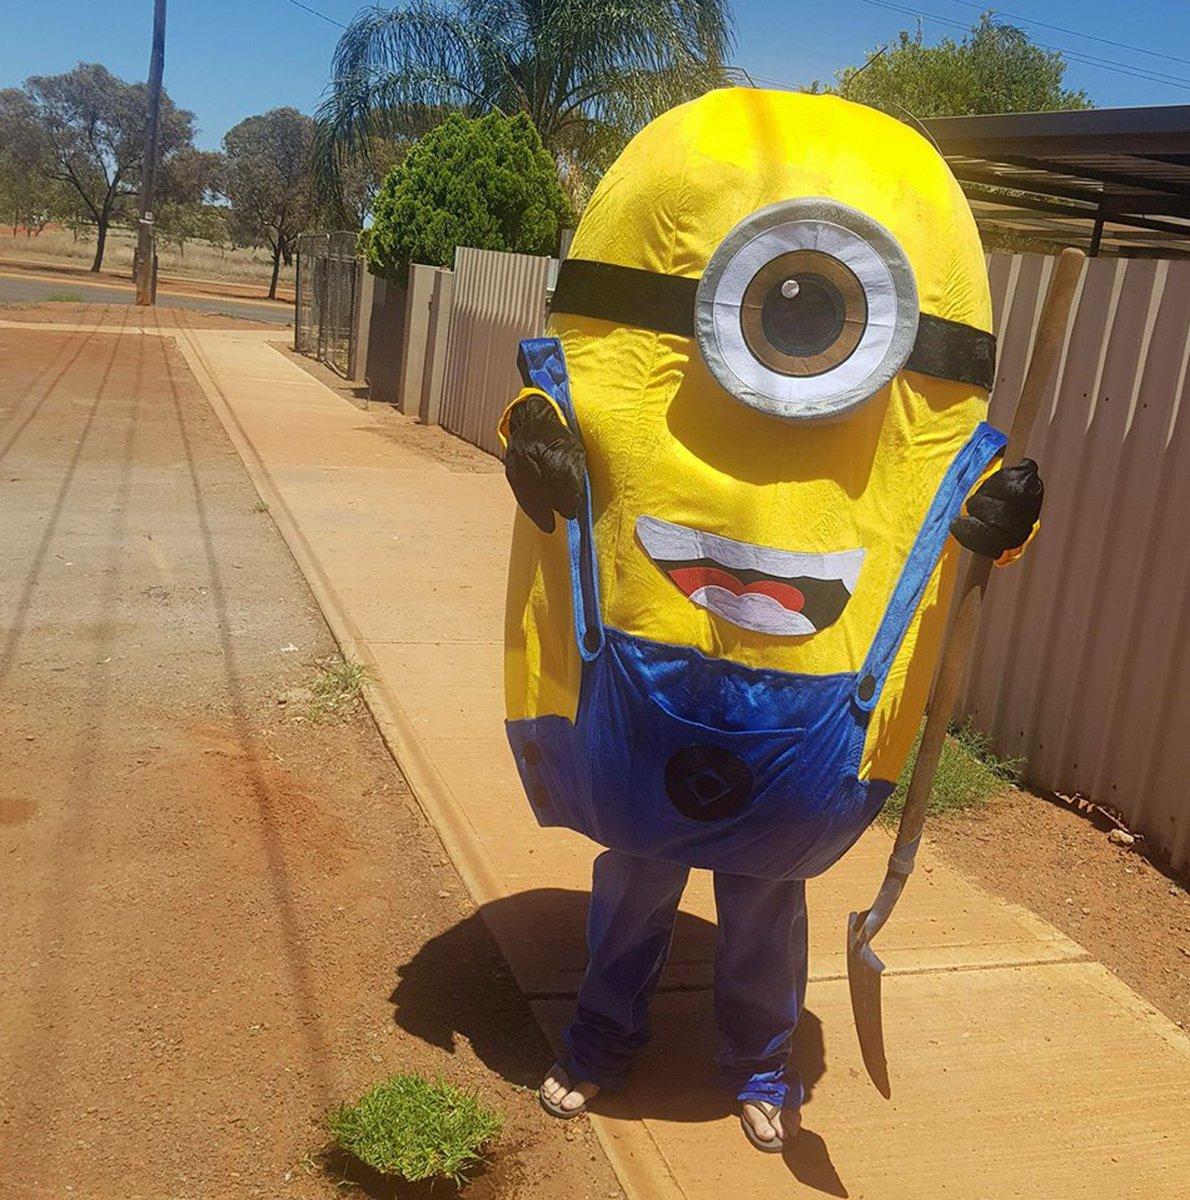 Minion furta pedaço de gramado de casa na Austrália https://t.co/o19W35LQdt #PlanetaBizarro #G1